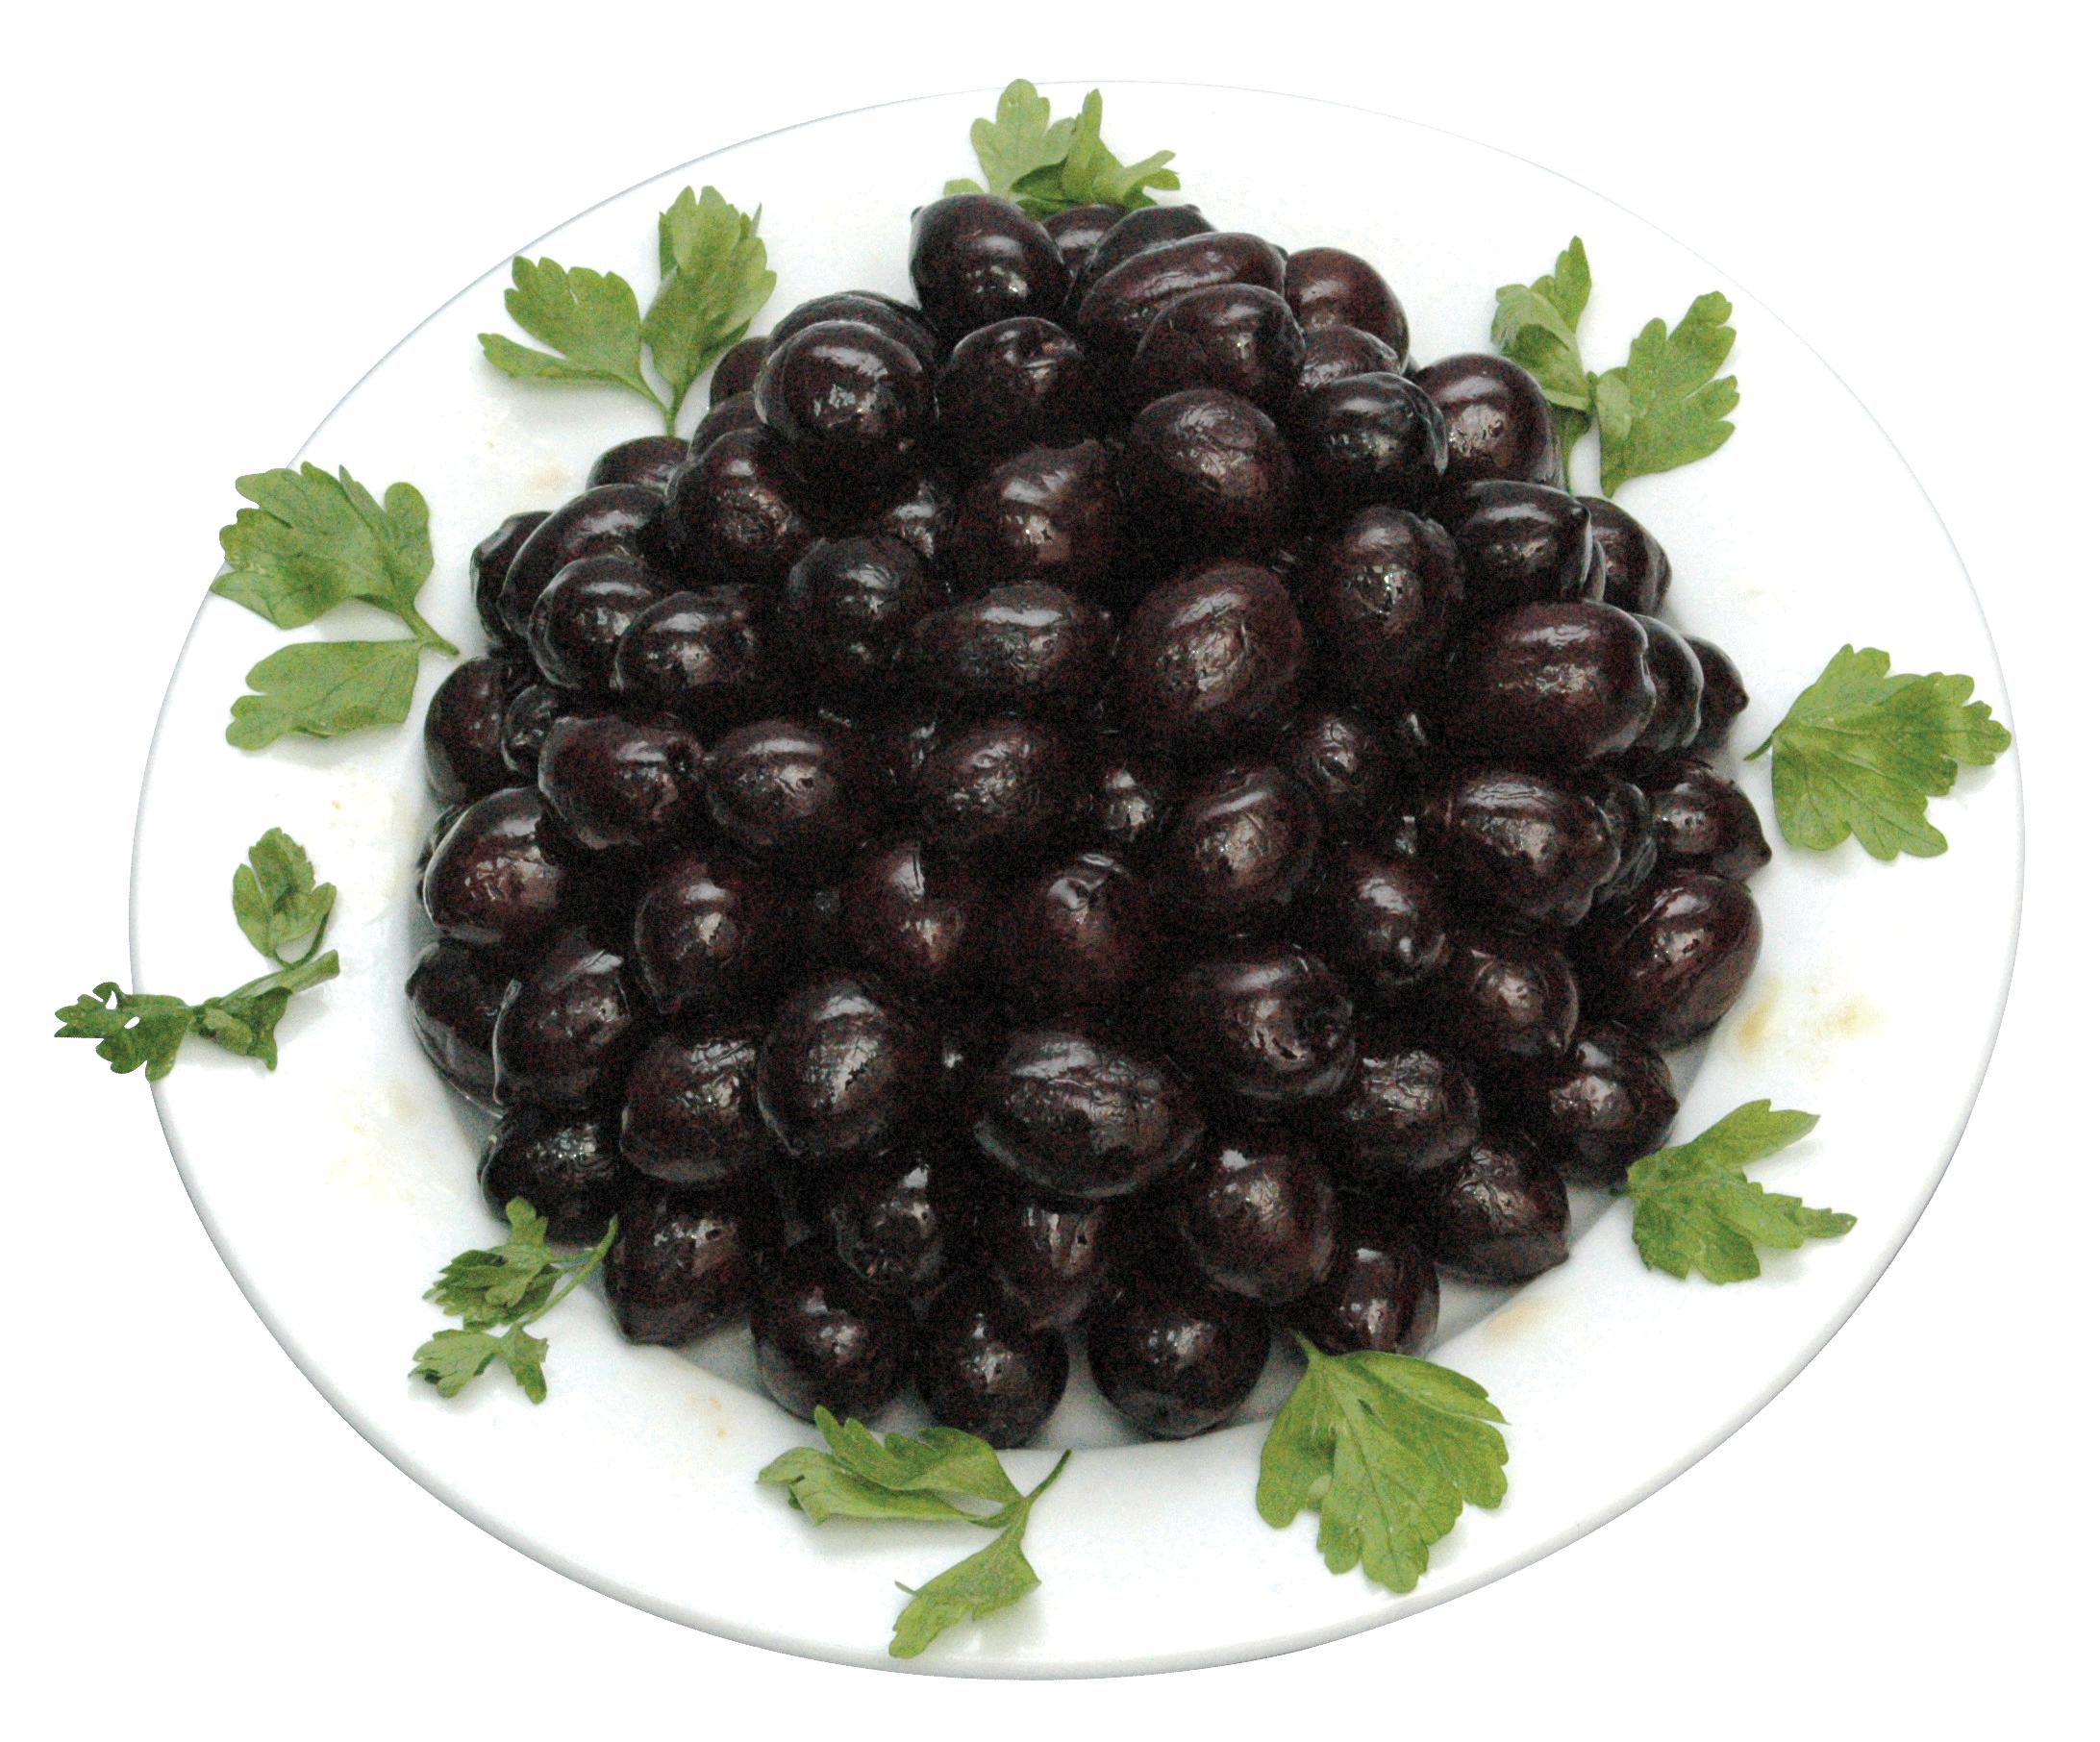 بالصور طريقة عمل مخلل الزيتون الاخضر , طريقه التخليل الزيتون الاخضر 2014